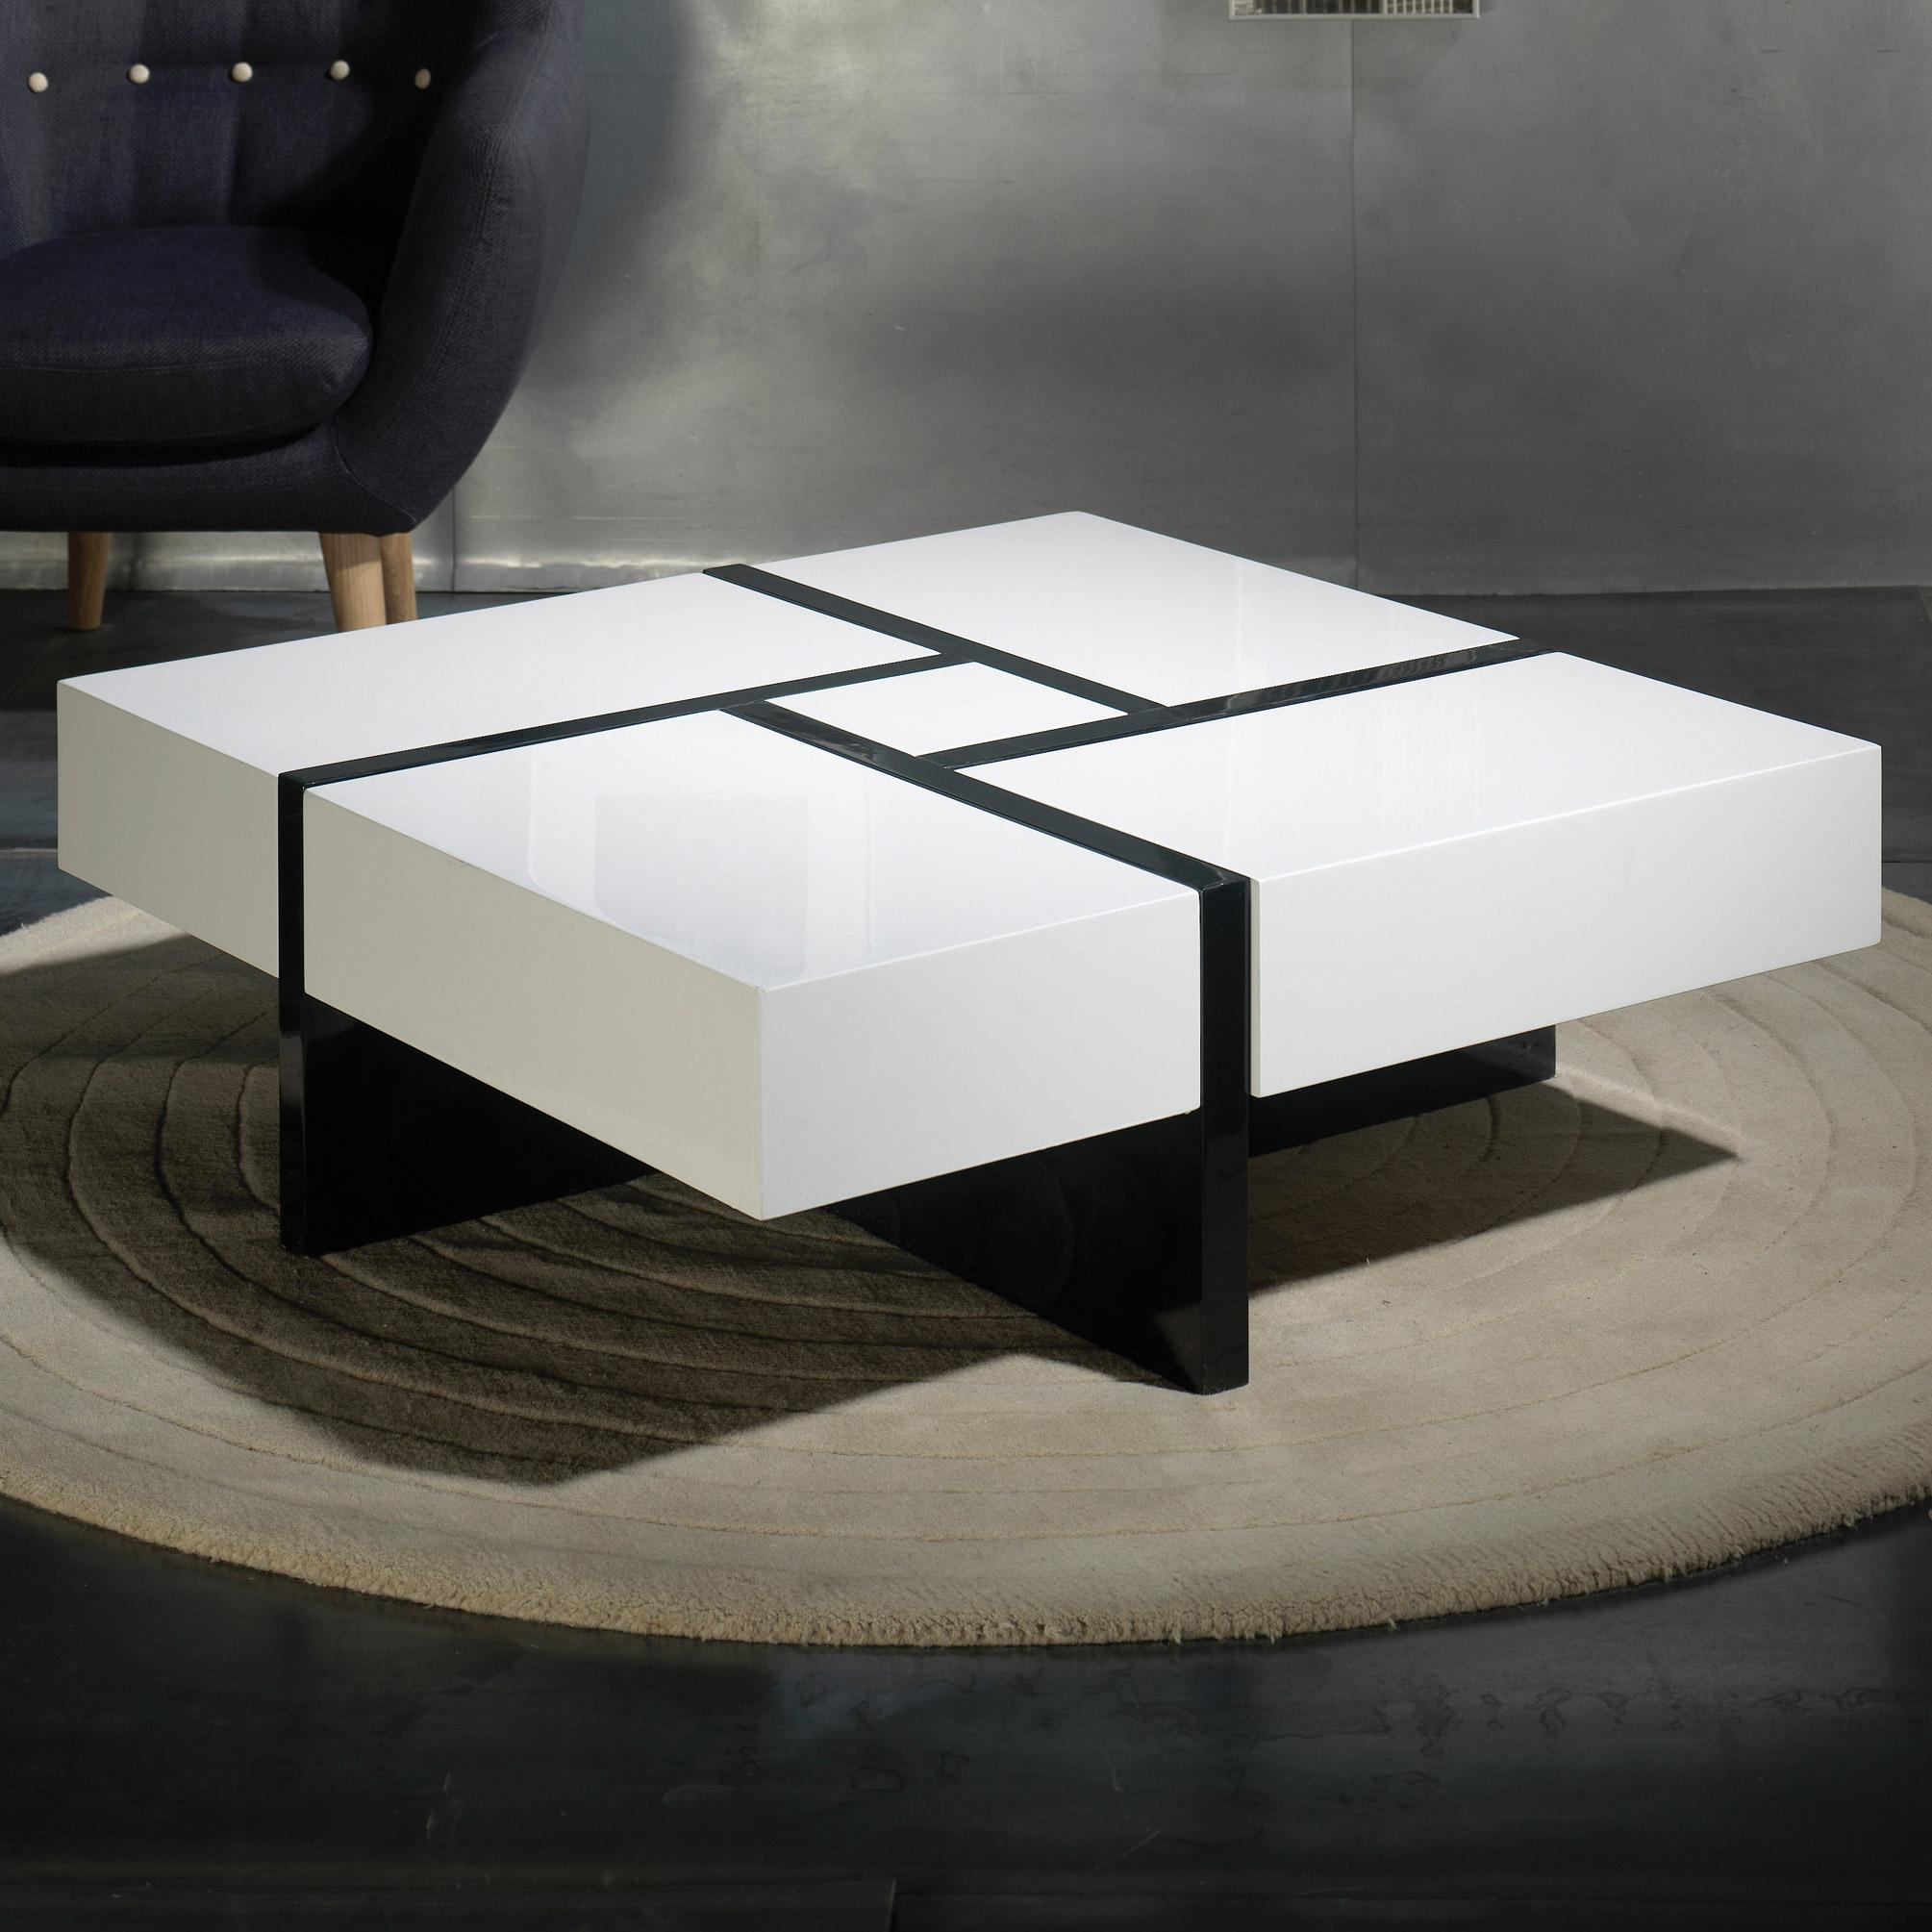 table basse pas cher delamaison mobilier design d coration d 39 int rieur. Black Bedroom Furniture Sets. Home Design Ideas